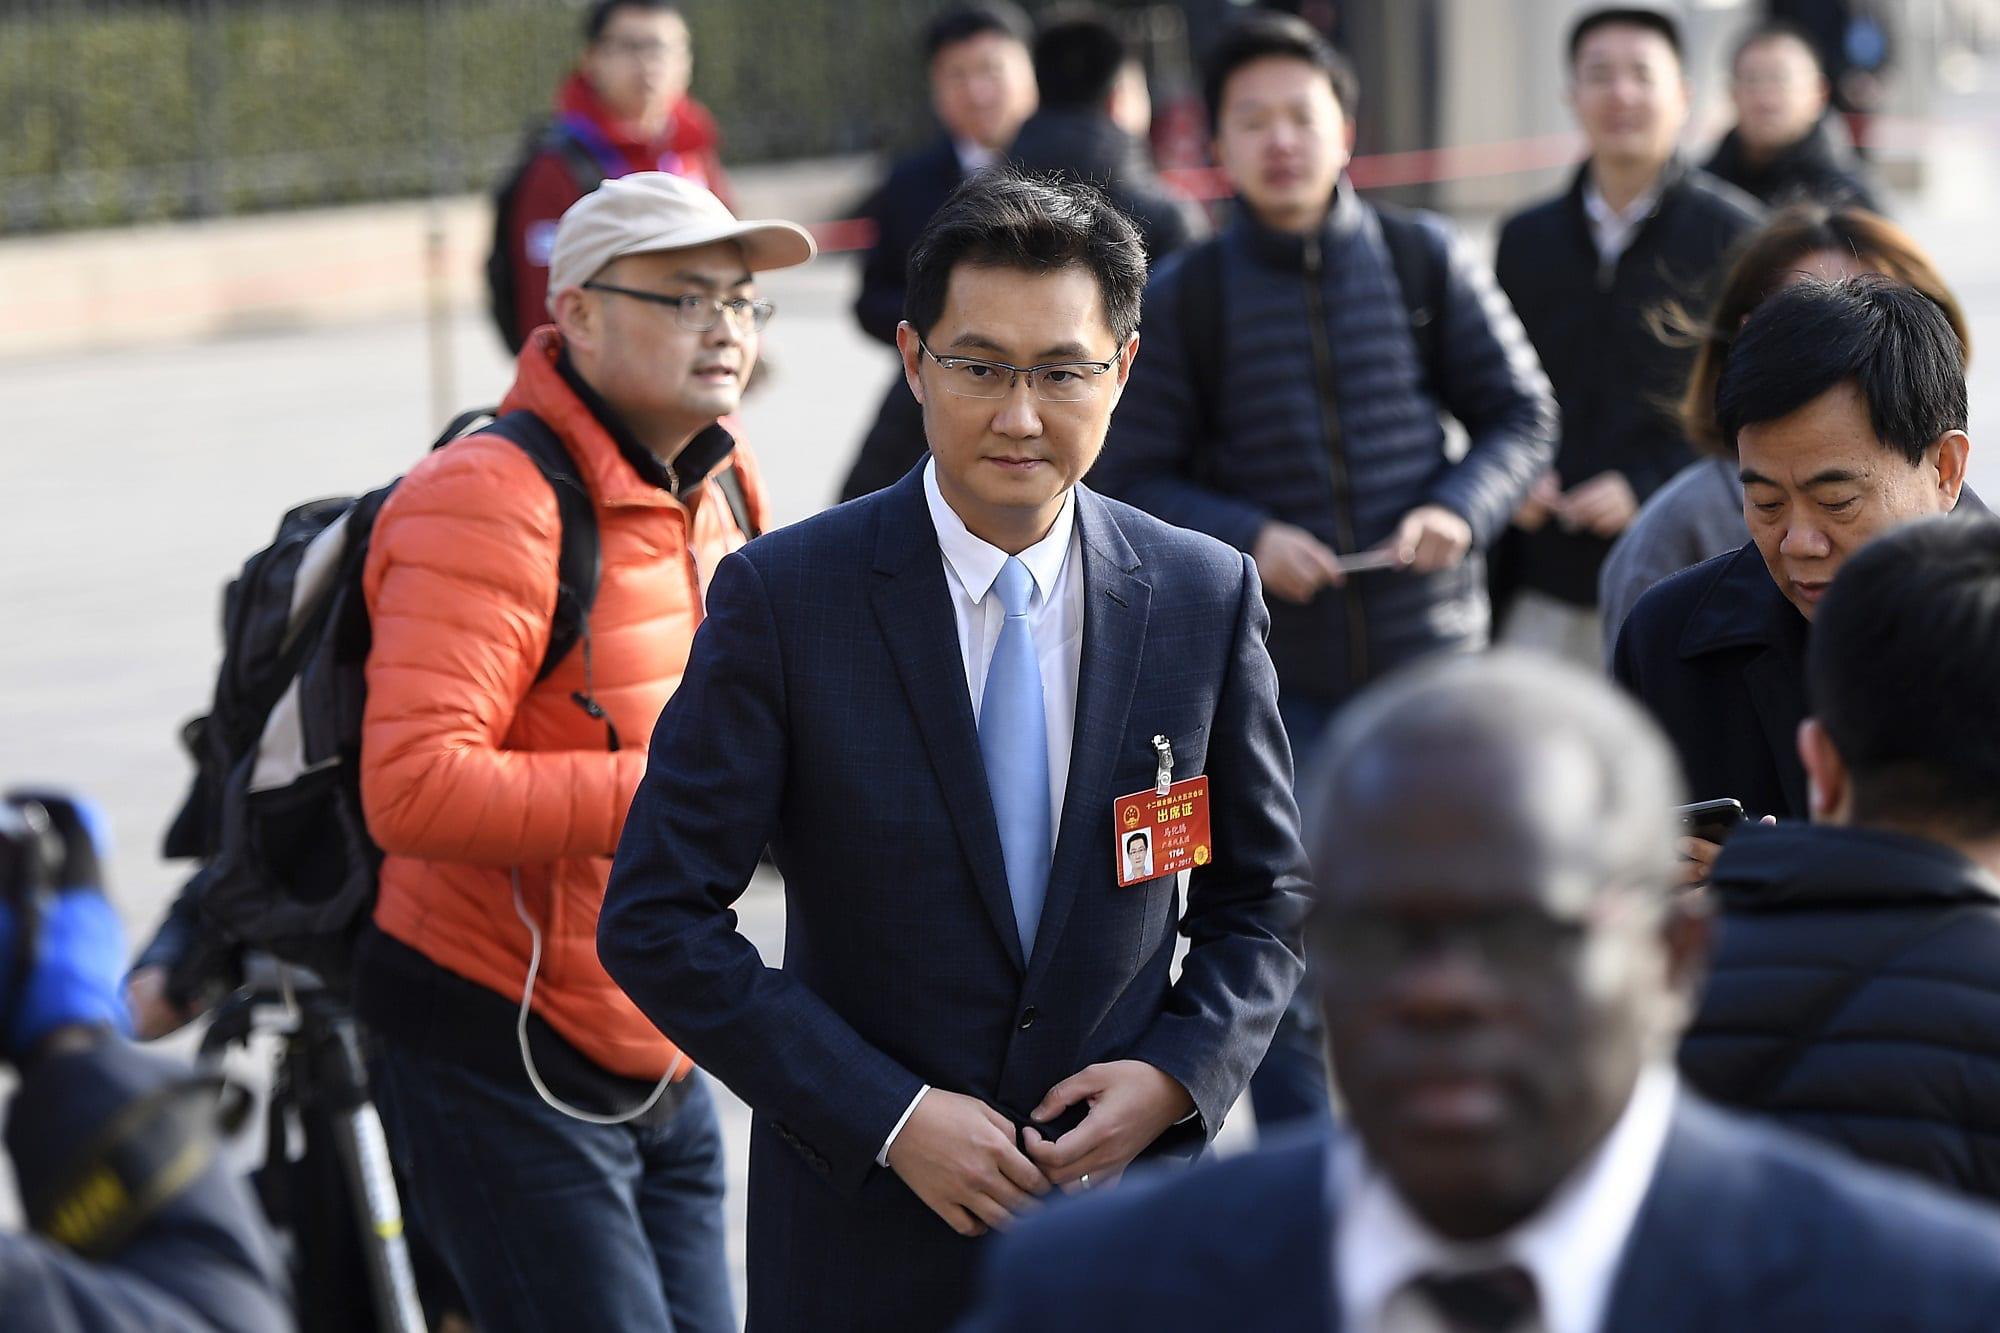 Ông chủ Tencent Ma Huateng: Vị tỉ phú quyền lực kín tiếng của Trung Quốc - Ảnh 4.